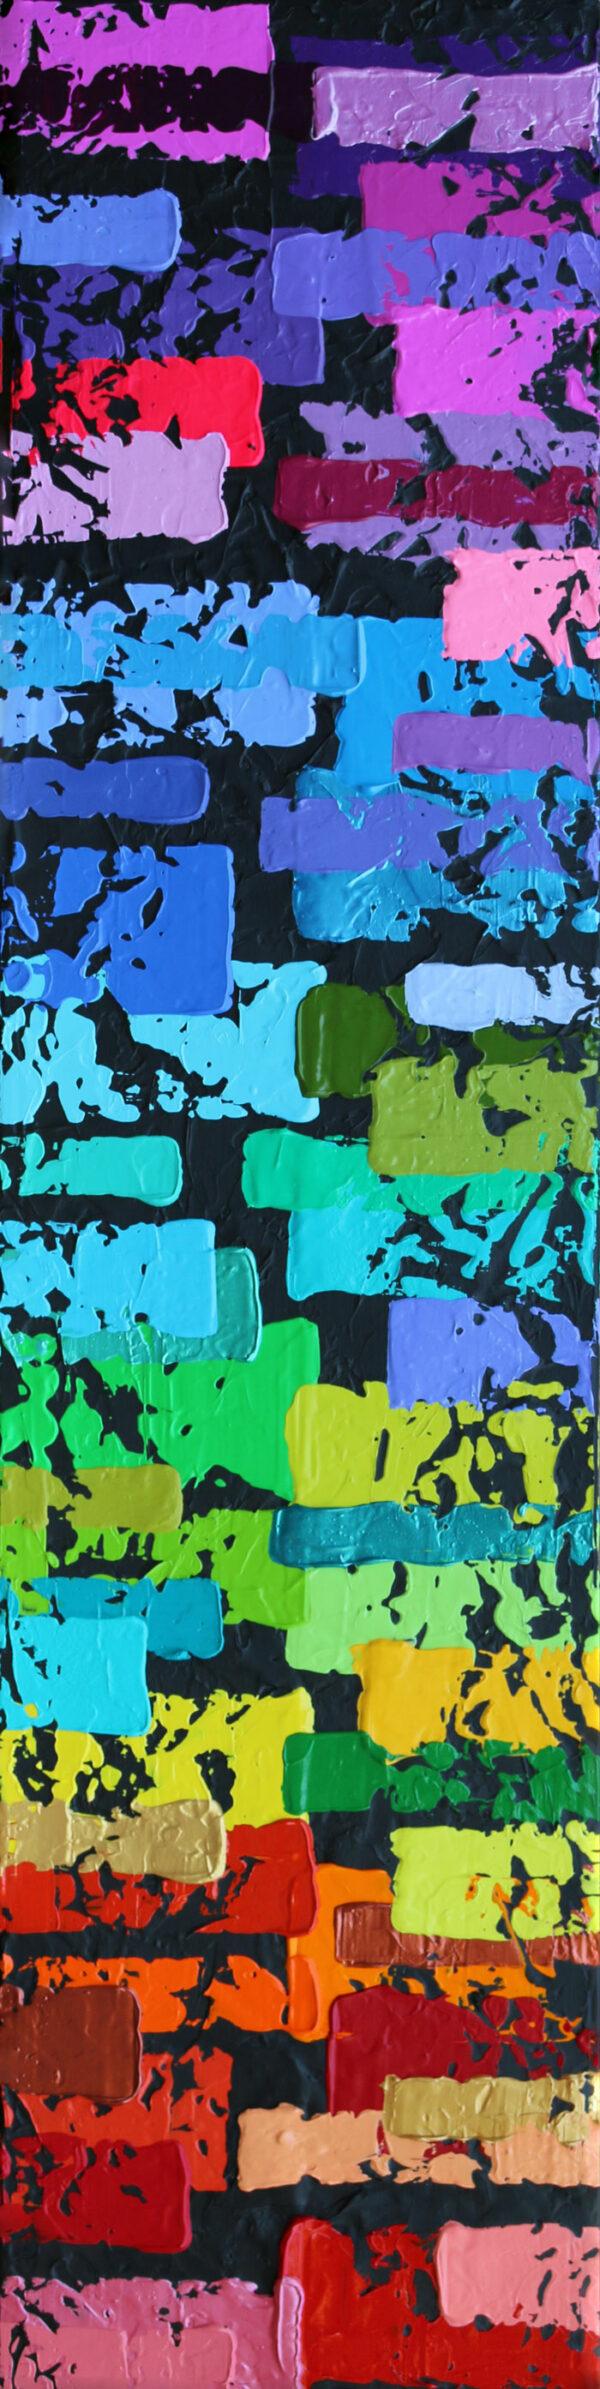 That Day in Burano - Jeff Hanson Art Original Painting